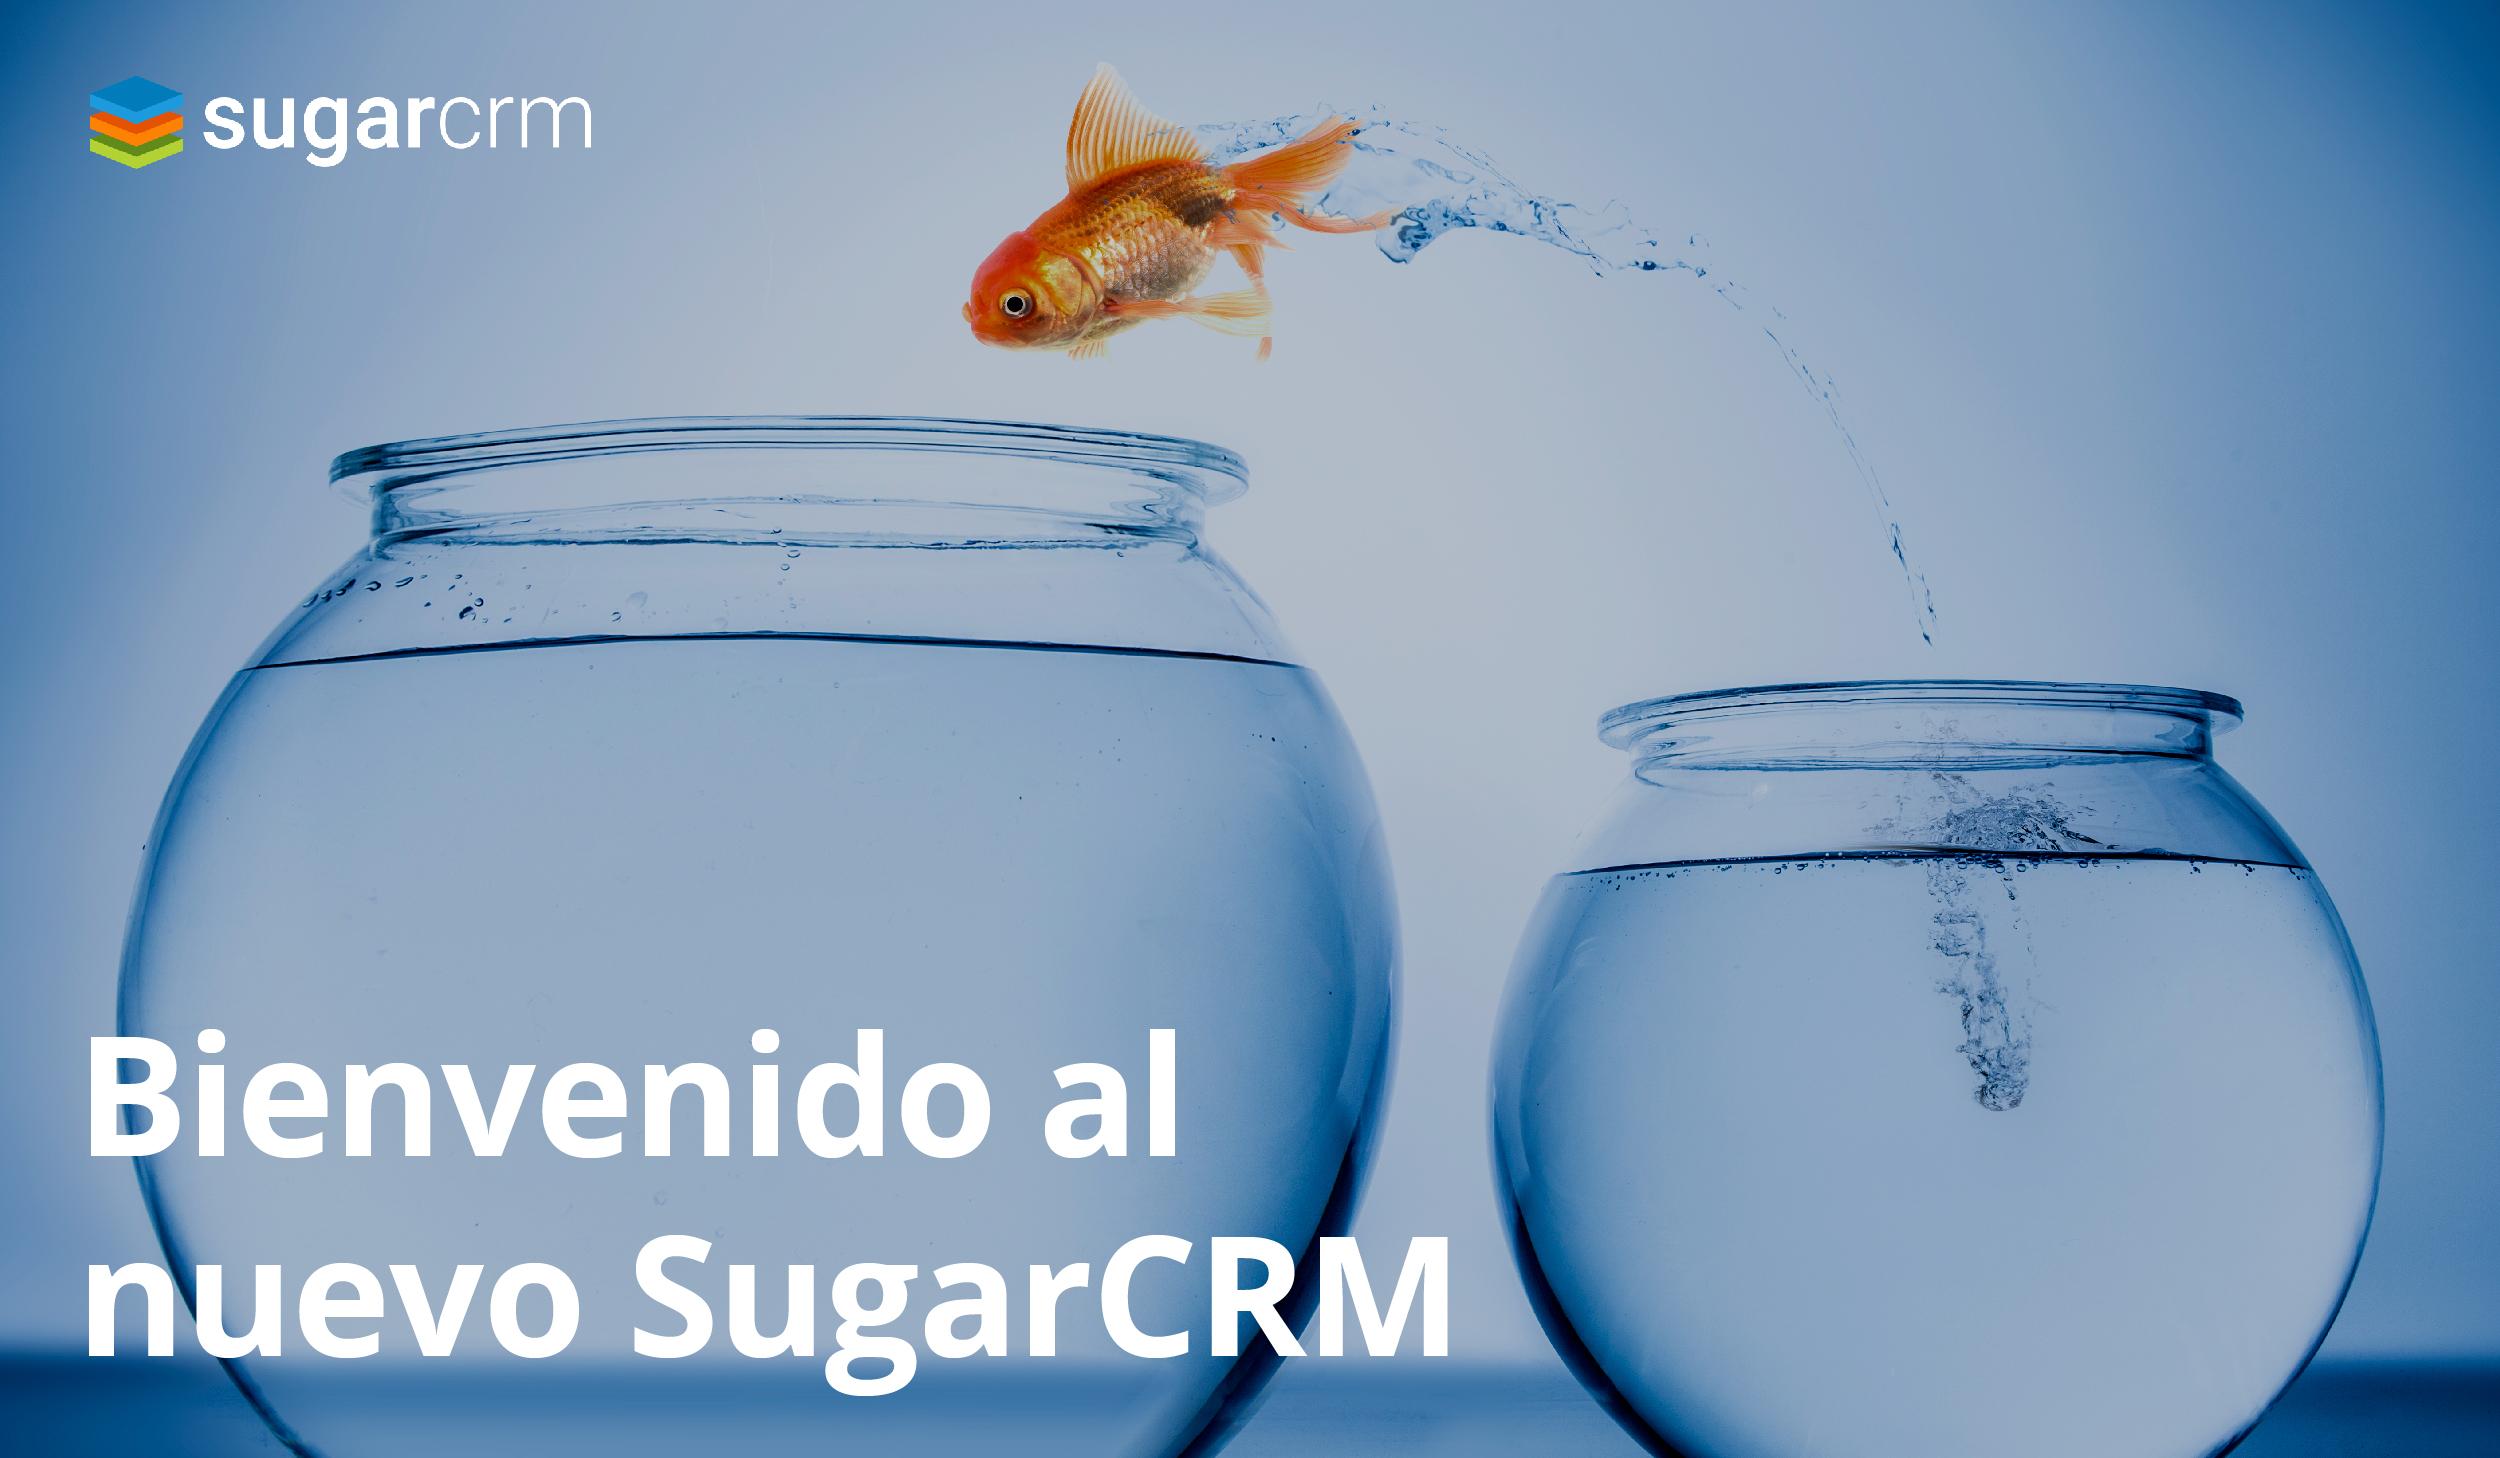 Bienvenido al nuevo SugarCRM